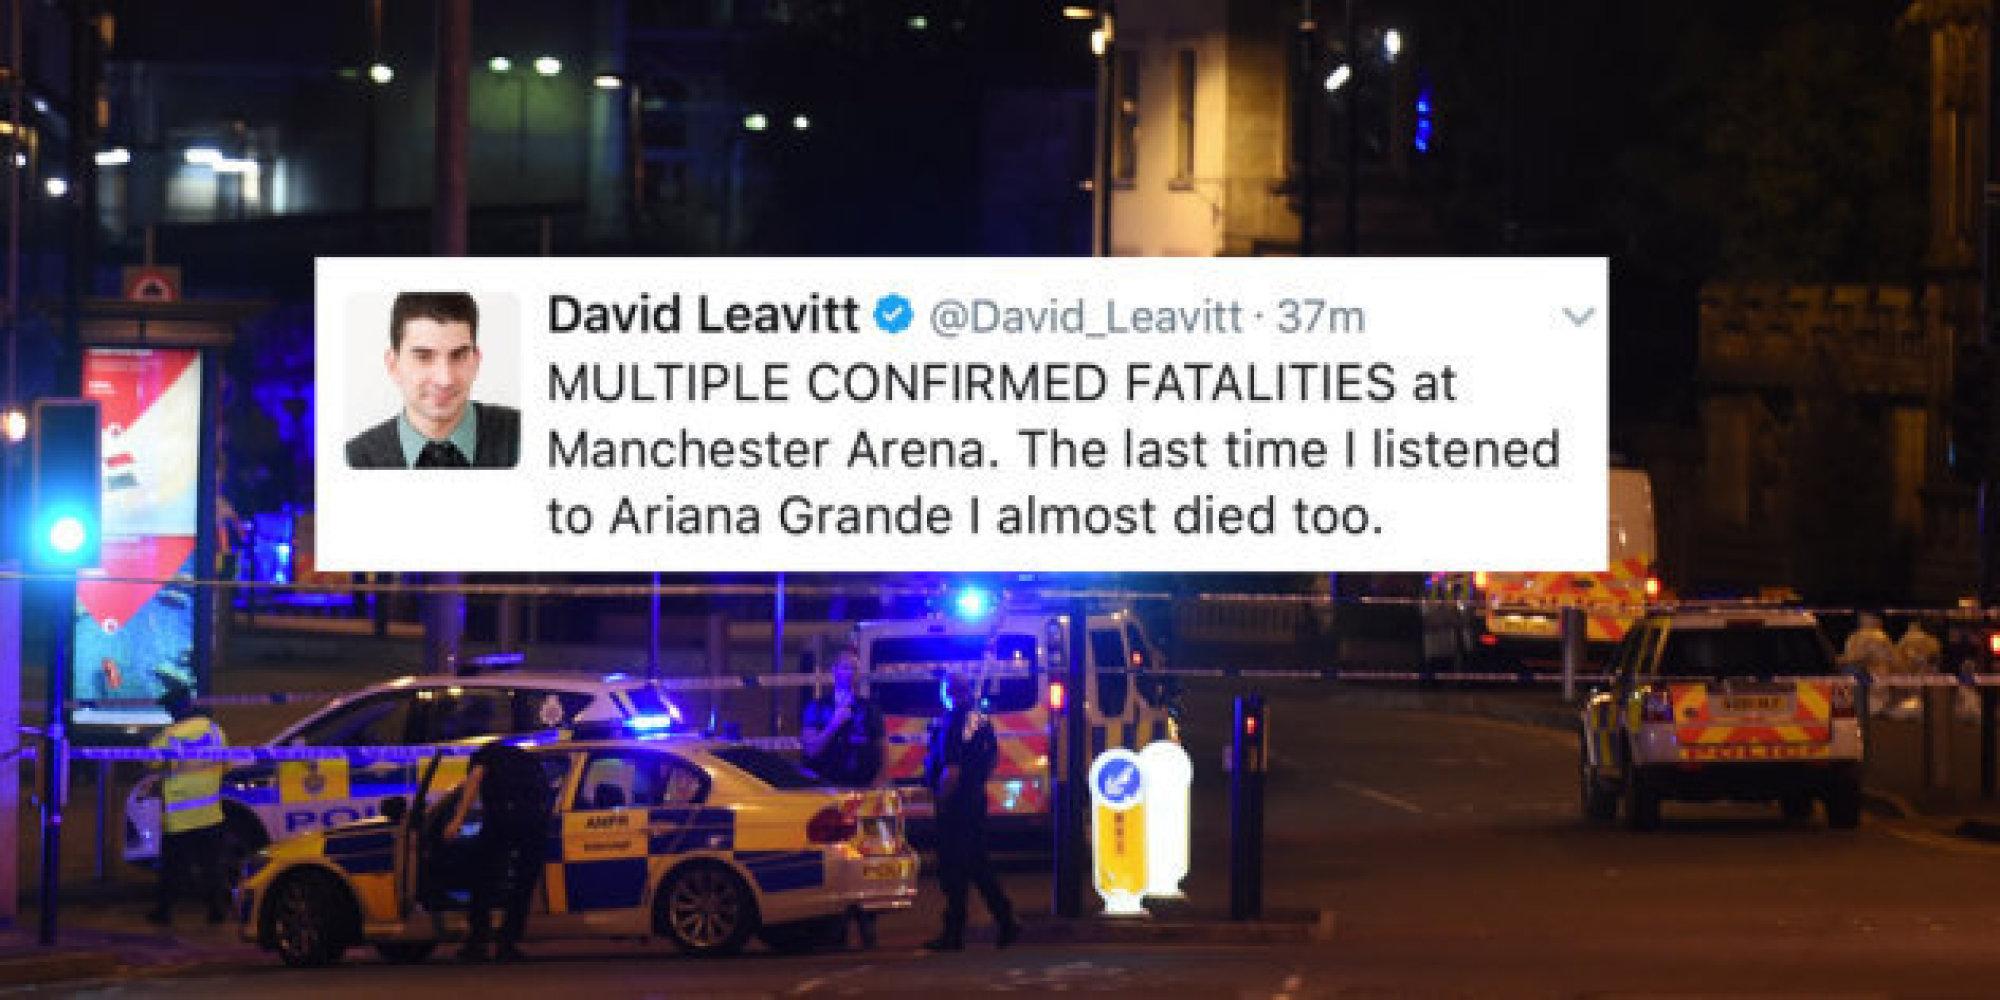 Attentat Facebook: Explosion à La Manchester Arena: La Mauvaise Blague De Ce